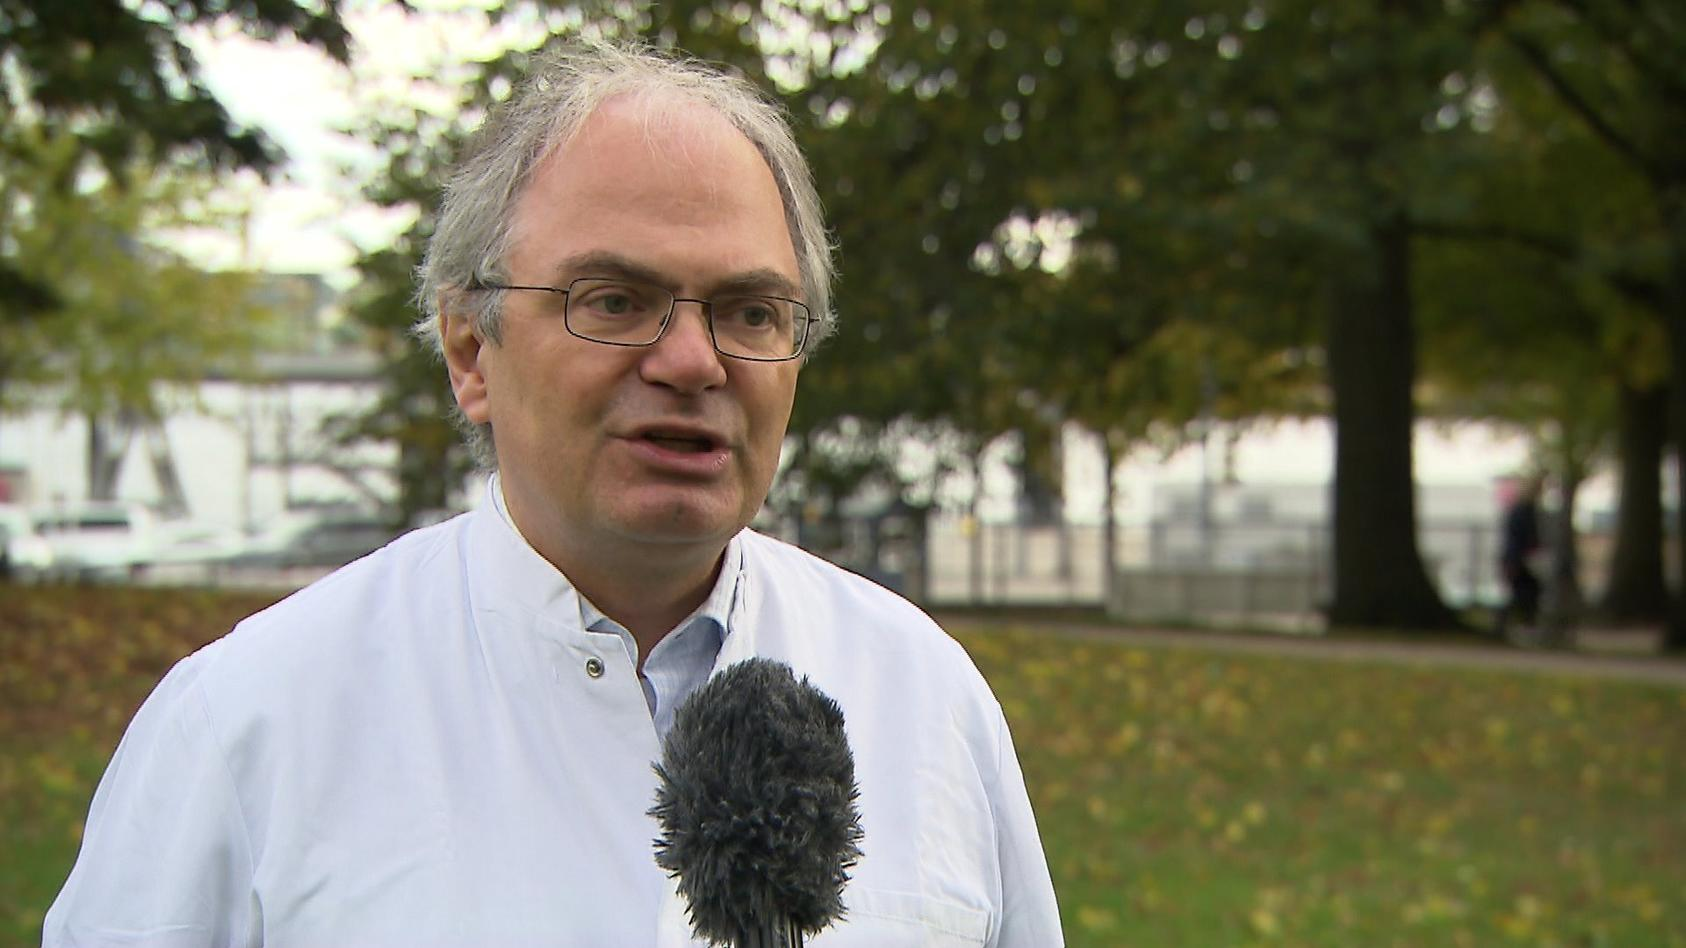 Virologe Helmut Fickenscher, Leiter des Instituts für Infektionsmedizin an der Kieler Universität